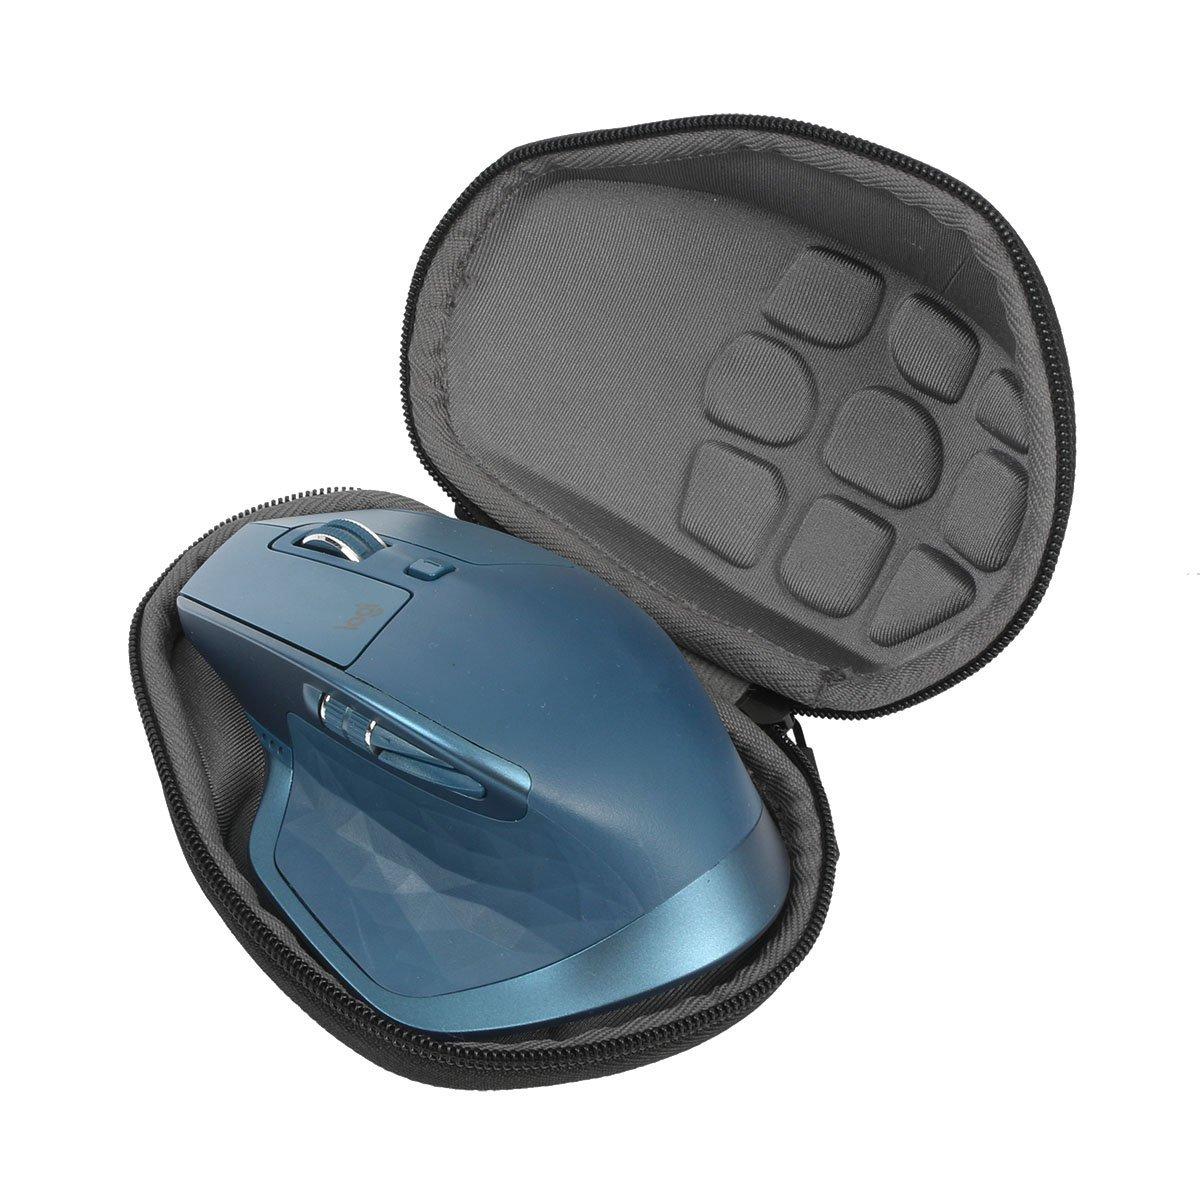 Amazon mouse 10 คีย์สินค้า ปี 2018 - ข้อมูลนี้อัพเดทล่าสุดจาก Amazon ห้ามพลาดเด็ดขาด!